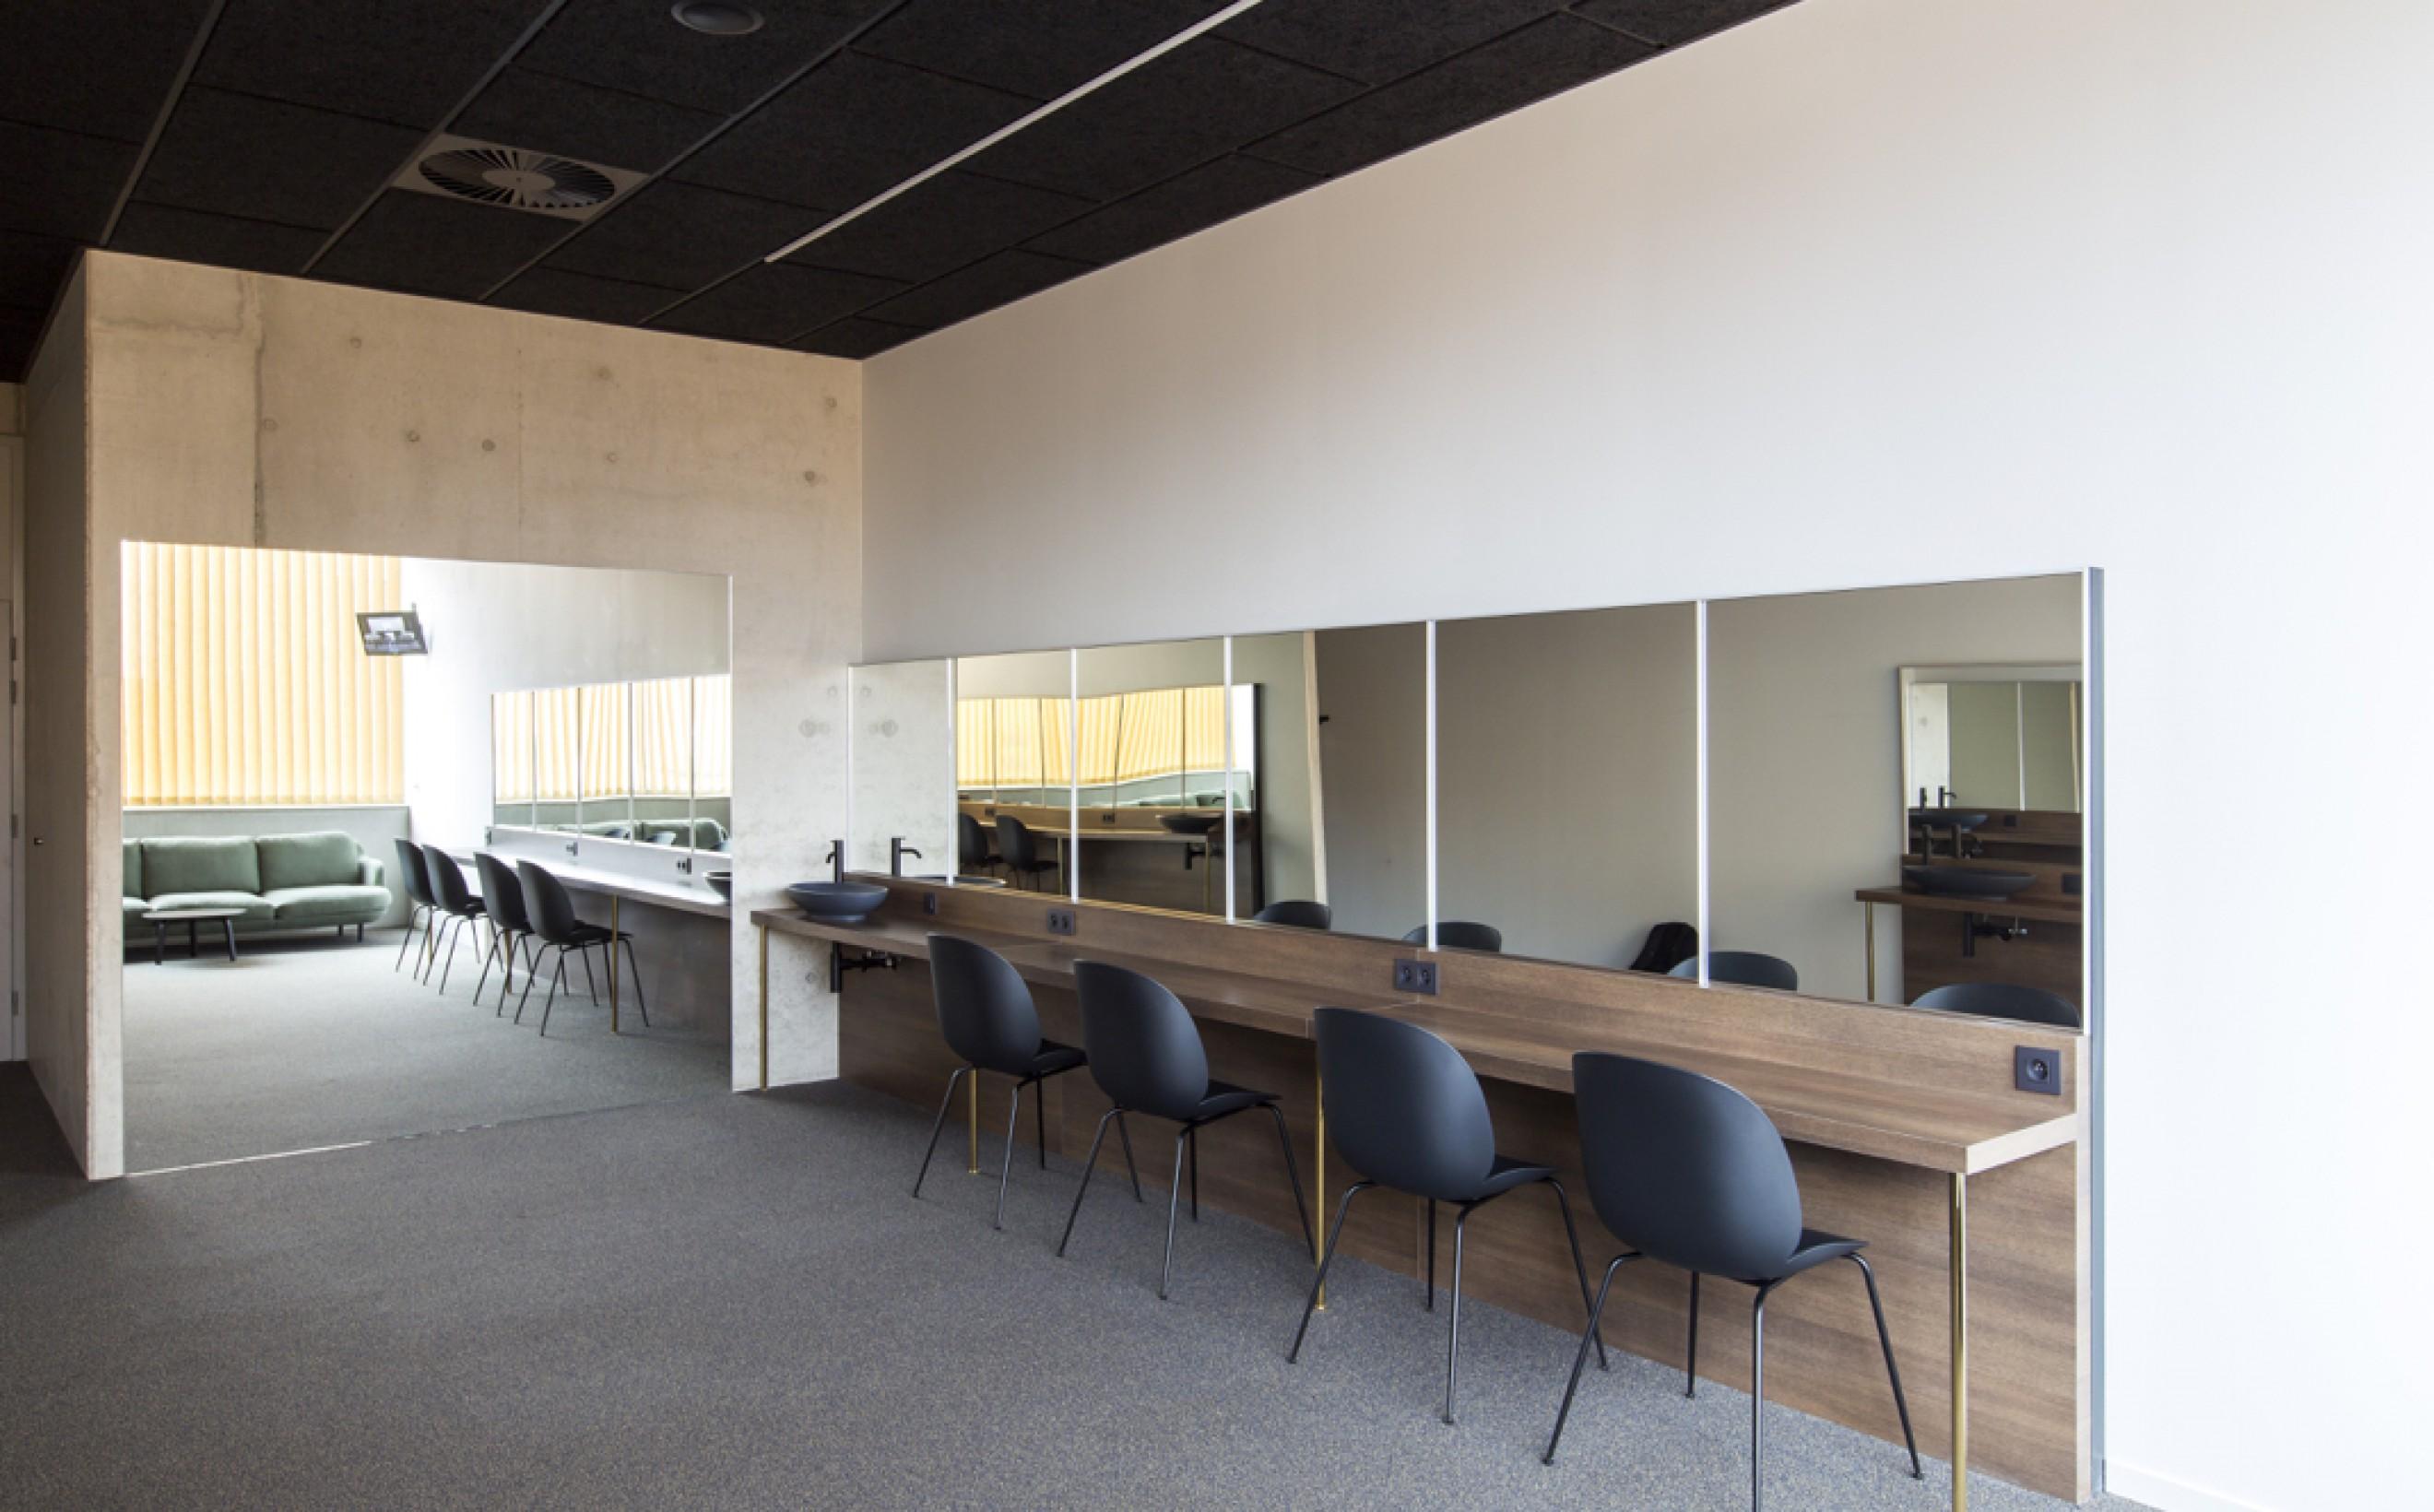 Gubi Beetle Chairs in de artiestenloges van cultuurhuis de Warande in Turnhout  Victors Design Agency